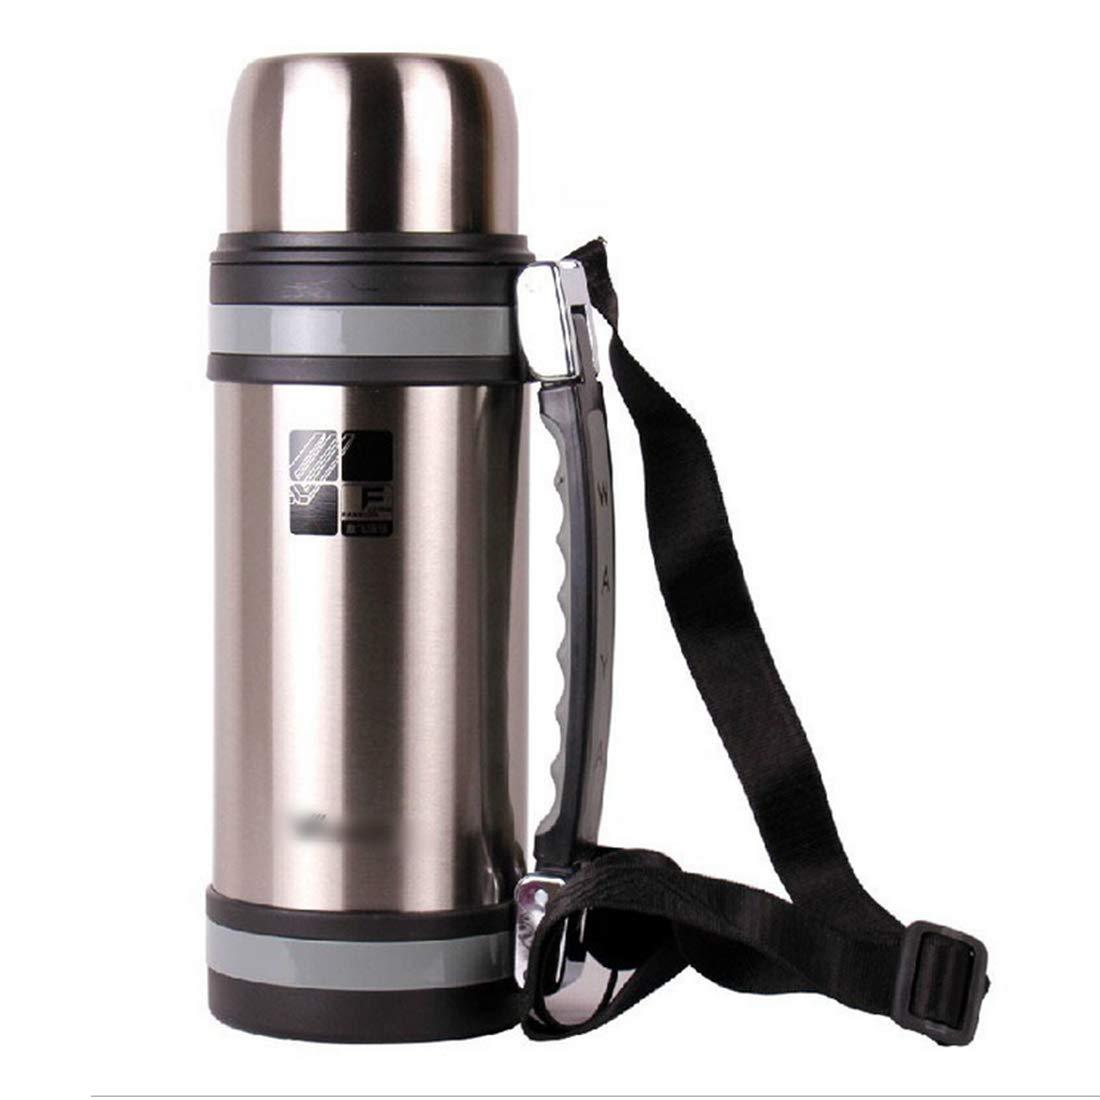 KARTELEI Edelstahl-Wasserflasche, vakuumisolierte Reise-Flasche im Freien